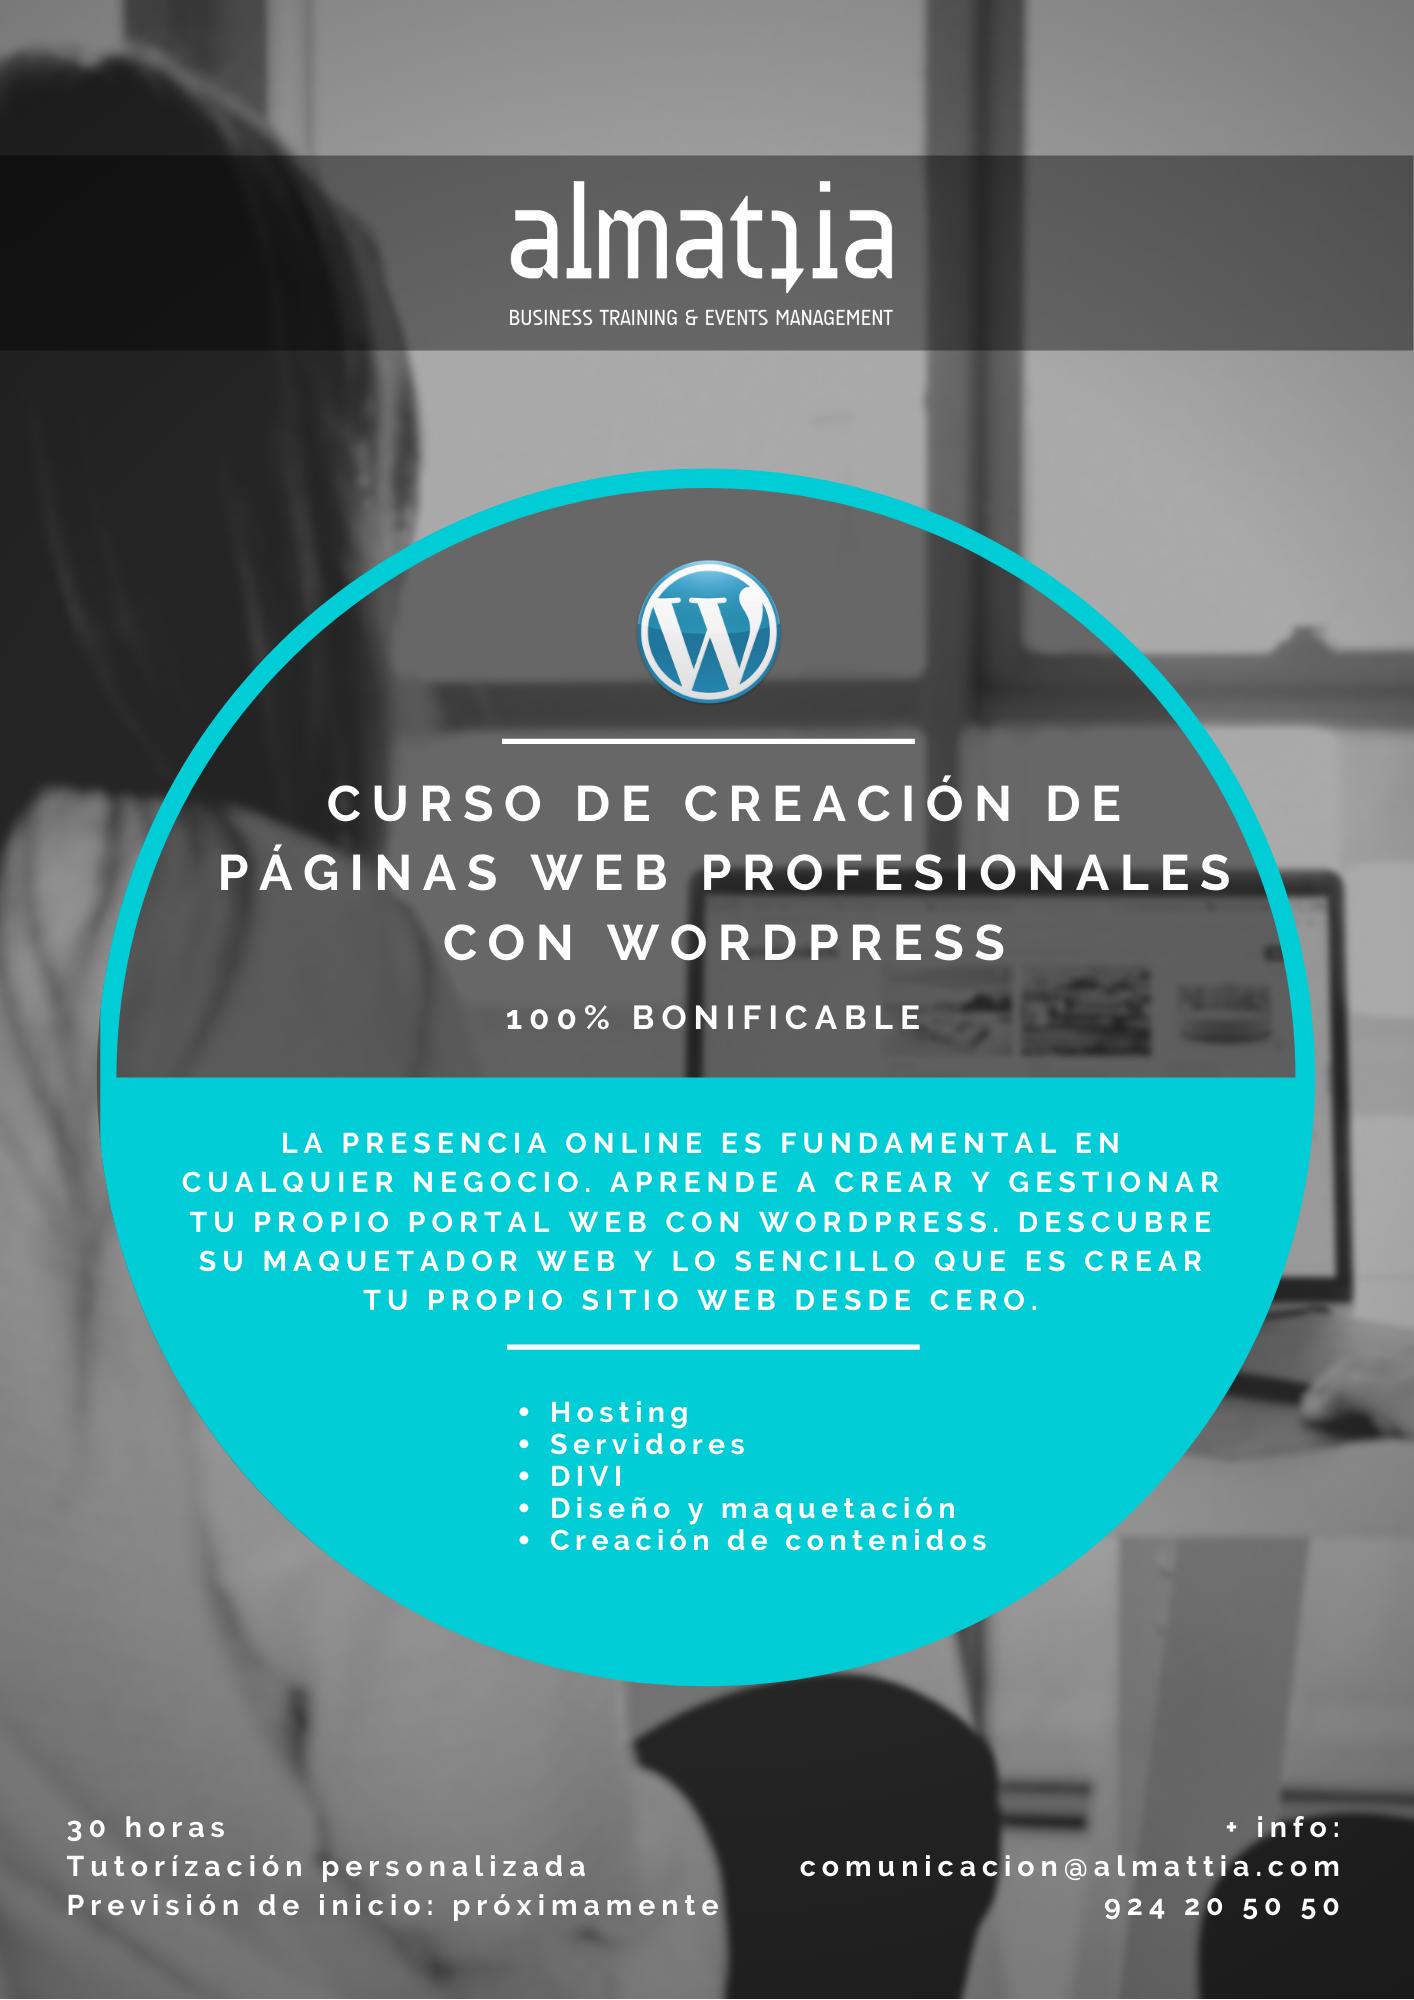 CURSO ONLINE DE CREACIÓN DE WEBS PROFESIONALES CON WORDPRESS